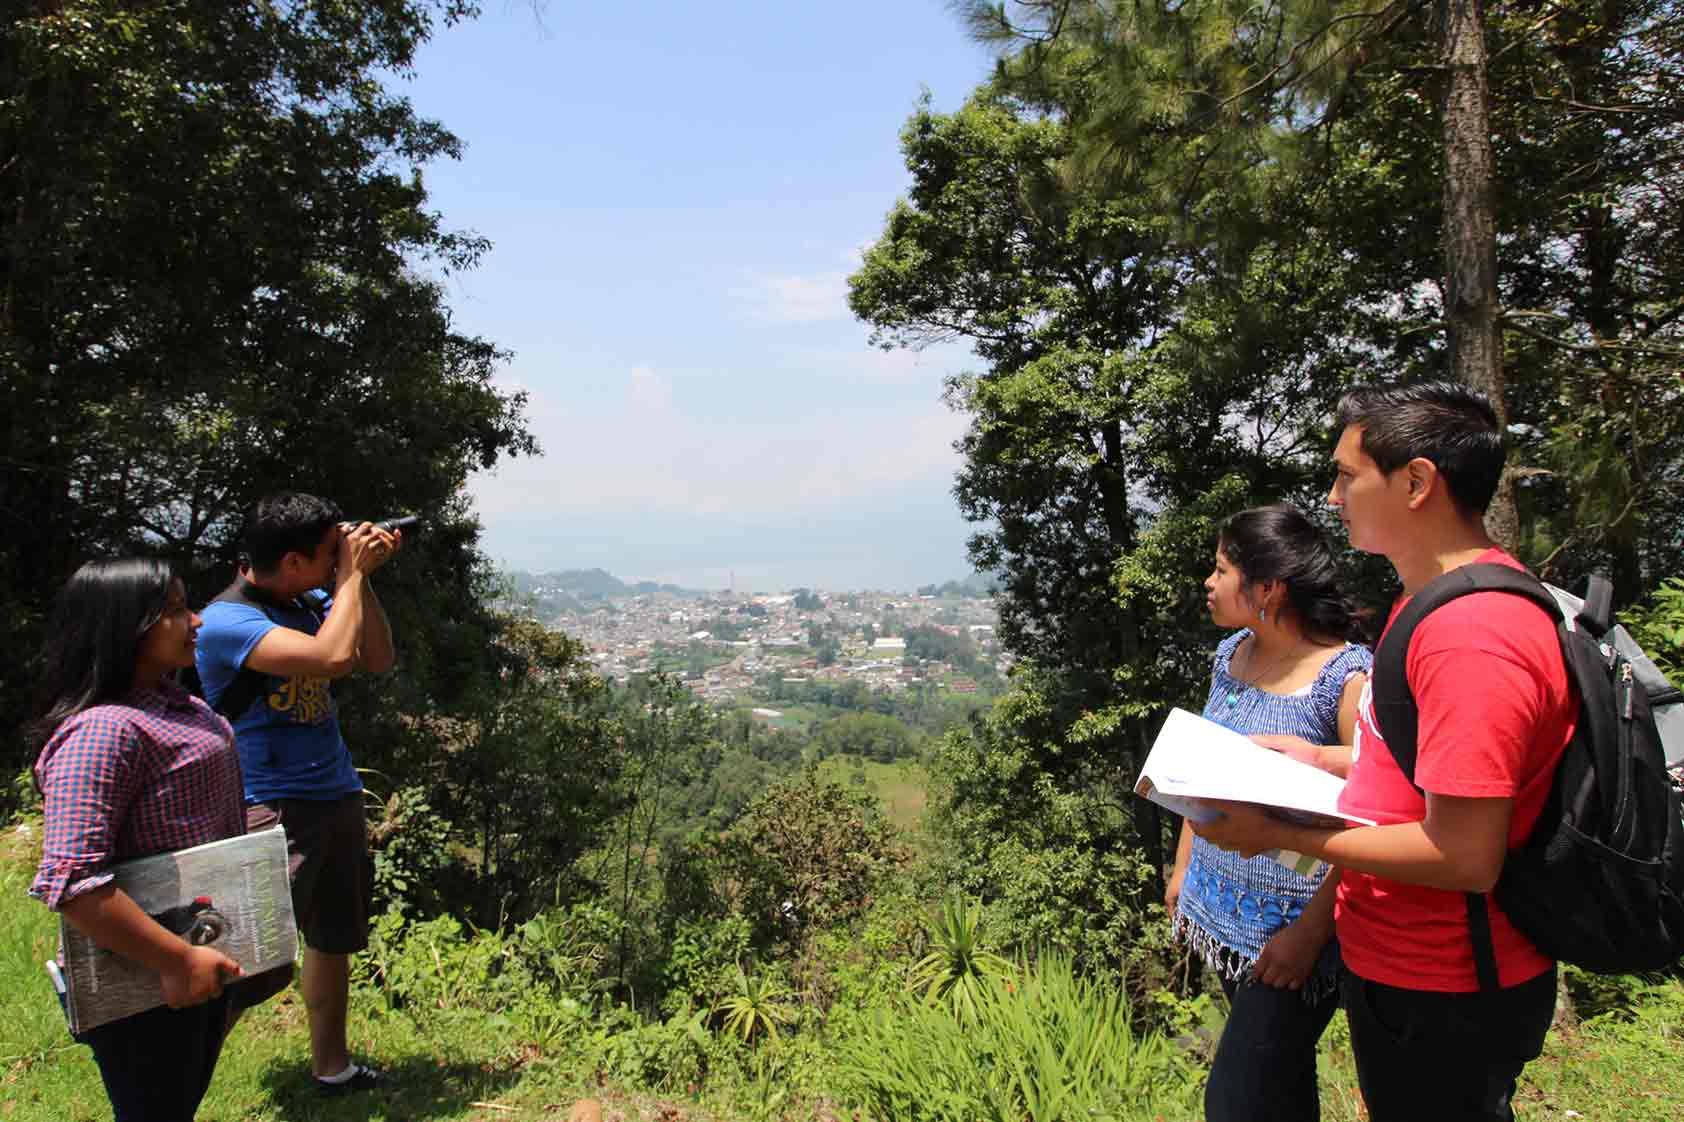 Turismo sostenible, la clave para innovar en Guatemala